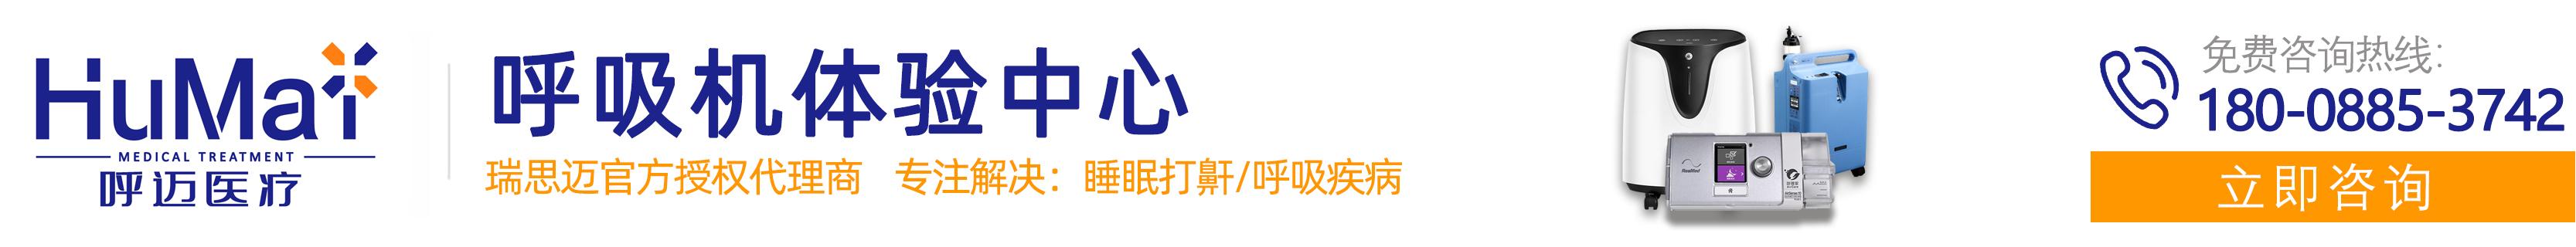 云南呼迈商贸有限公司_Logo